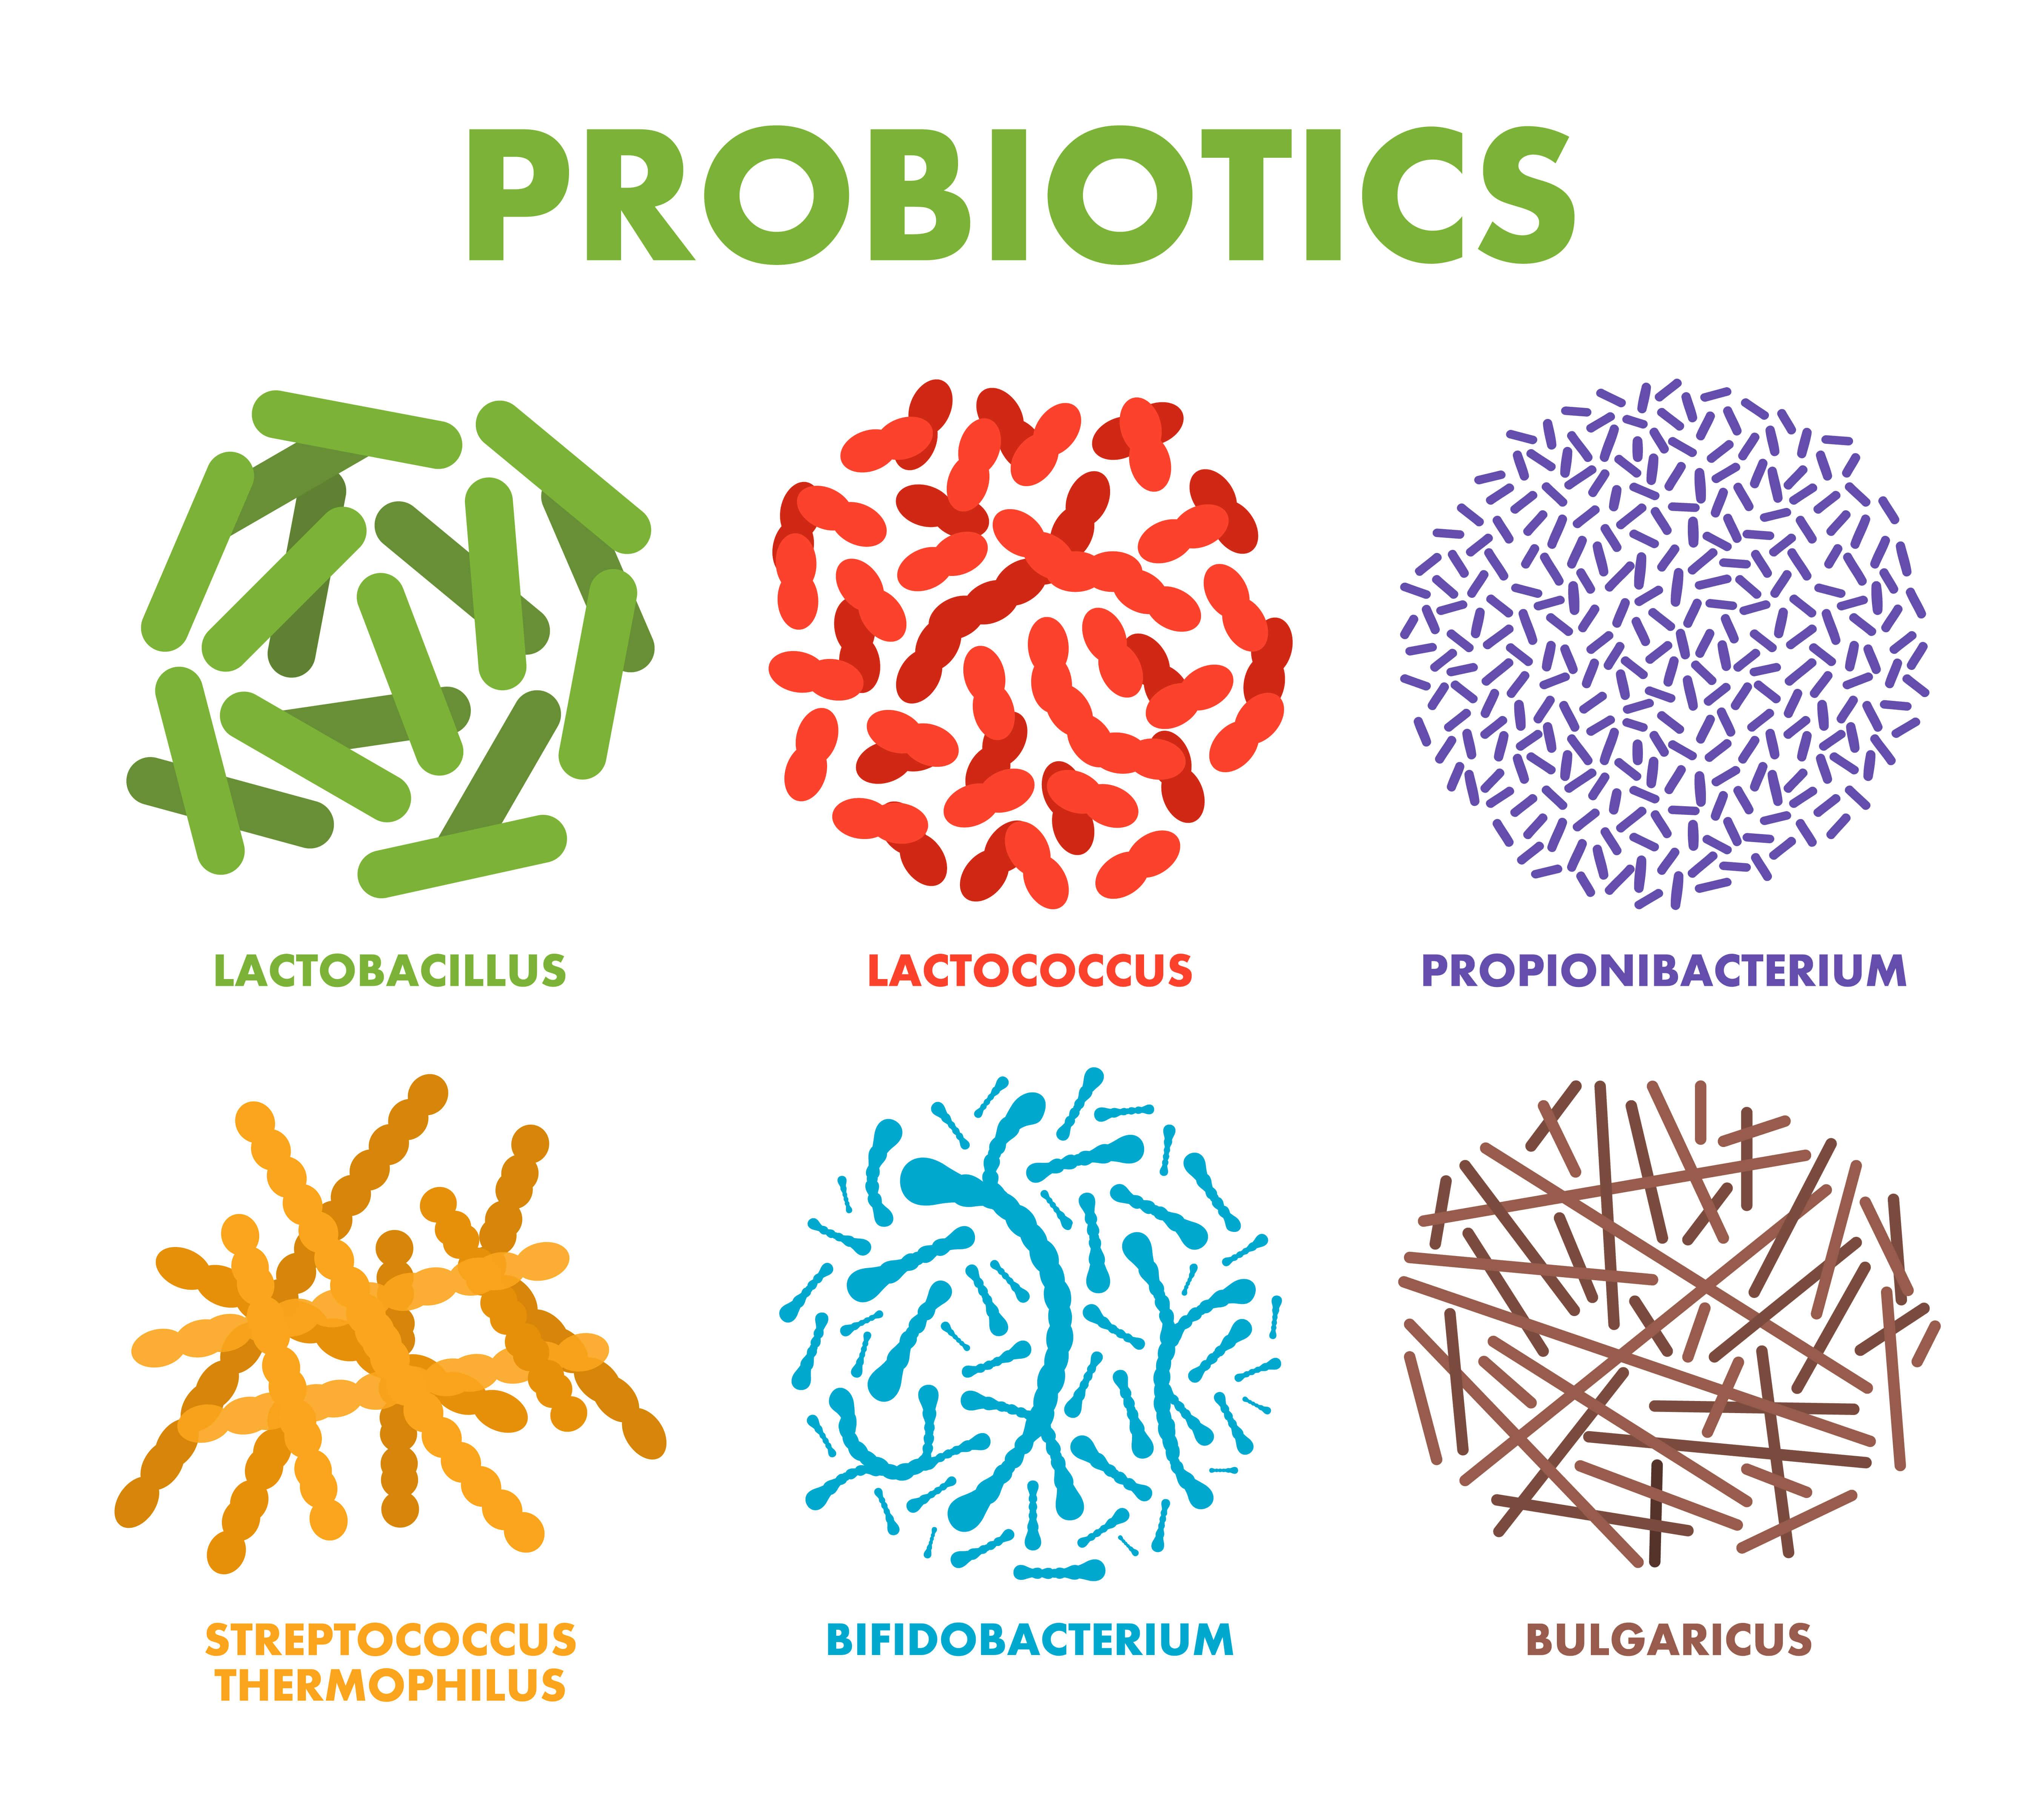 もぎたて生スムージーの乳酸菌の数に驚愕